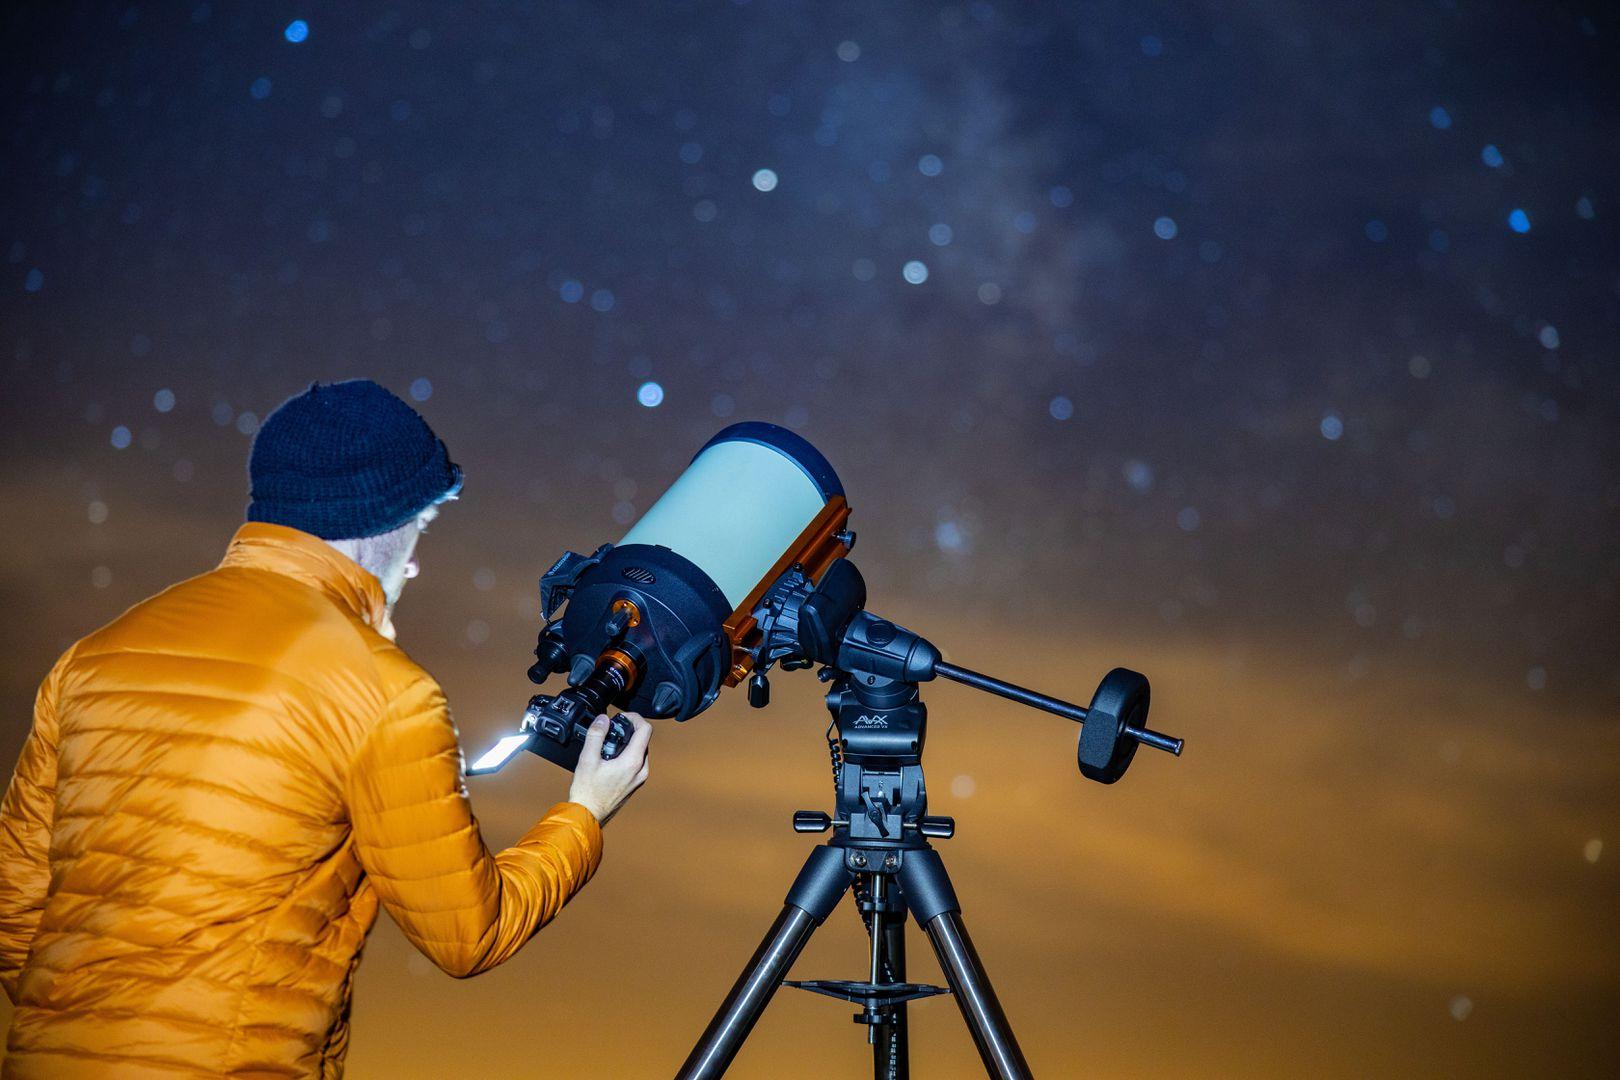 покупатели, лучшая камера для астрофотографии шею одевалась украшение